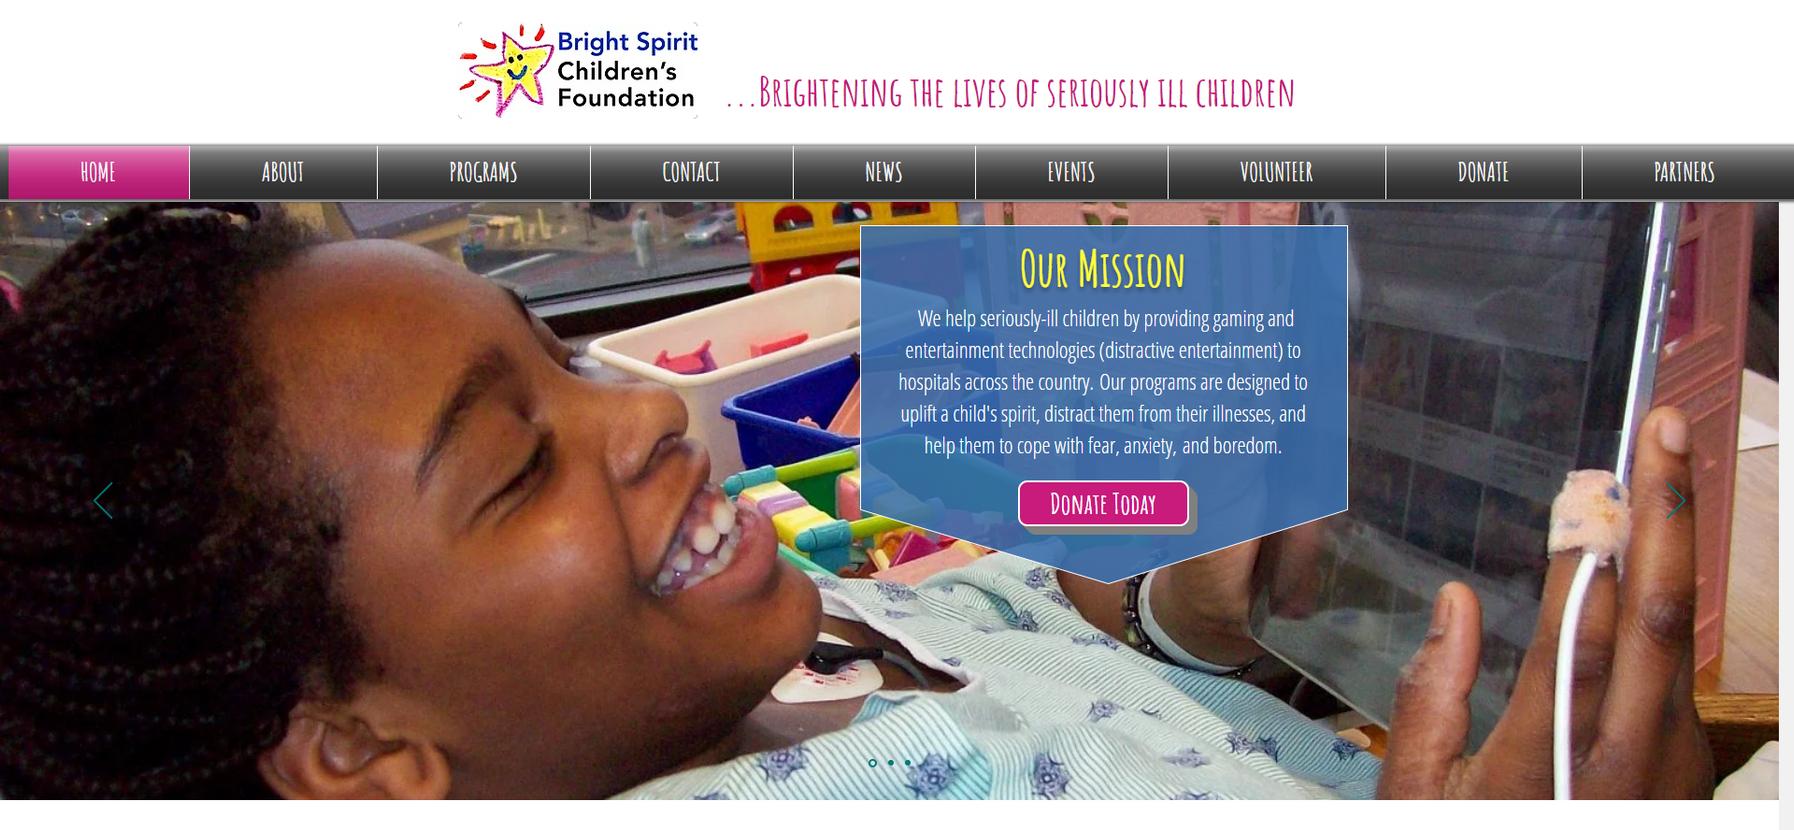 Bright Spirit Children's Foundation